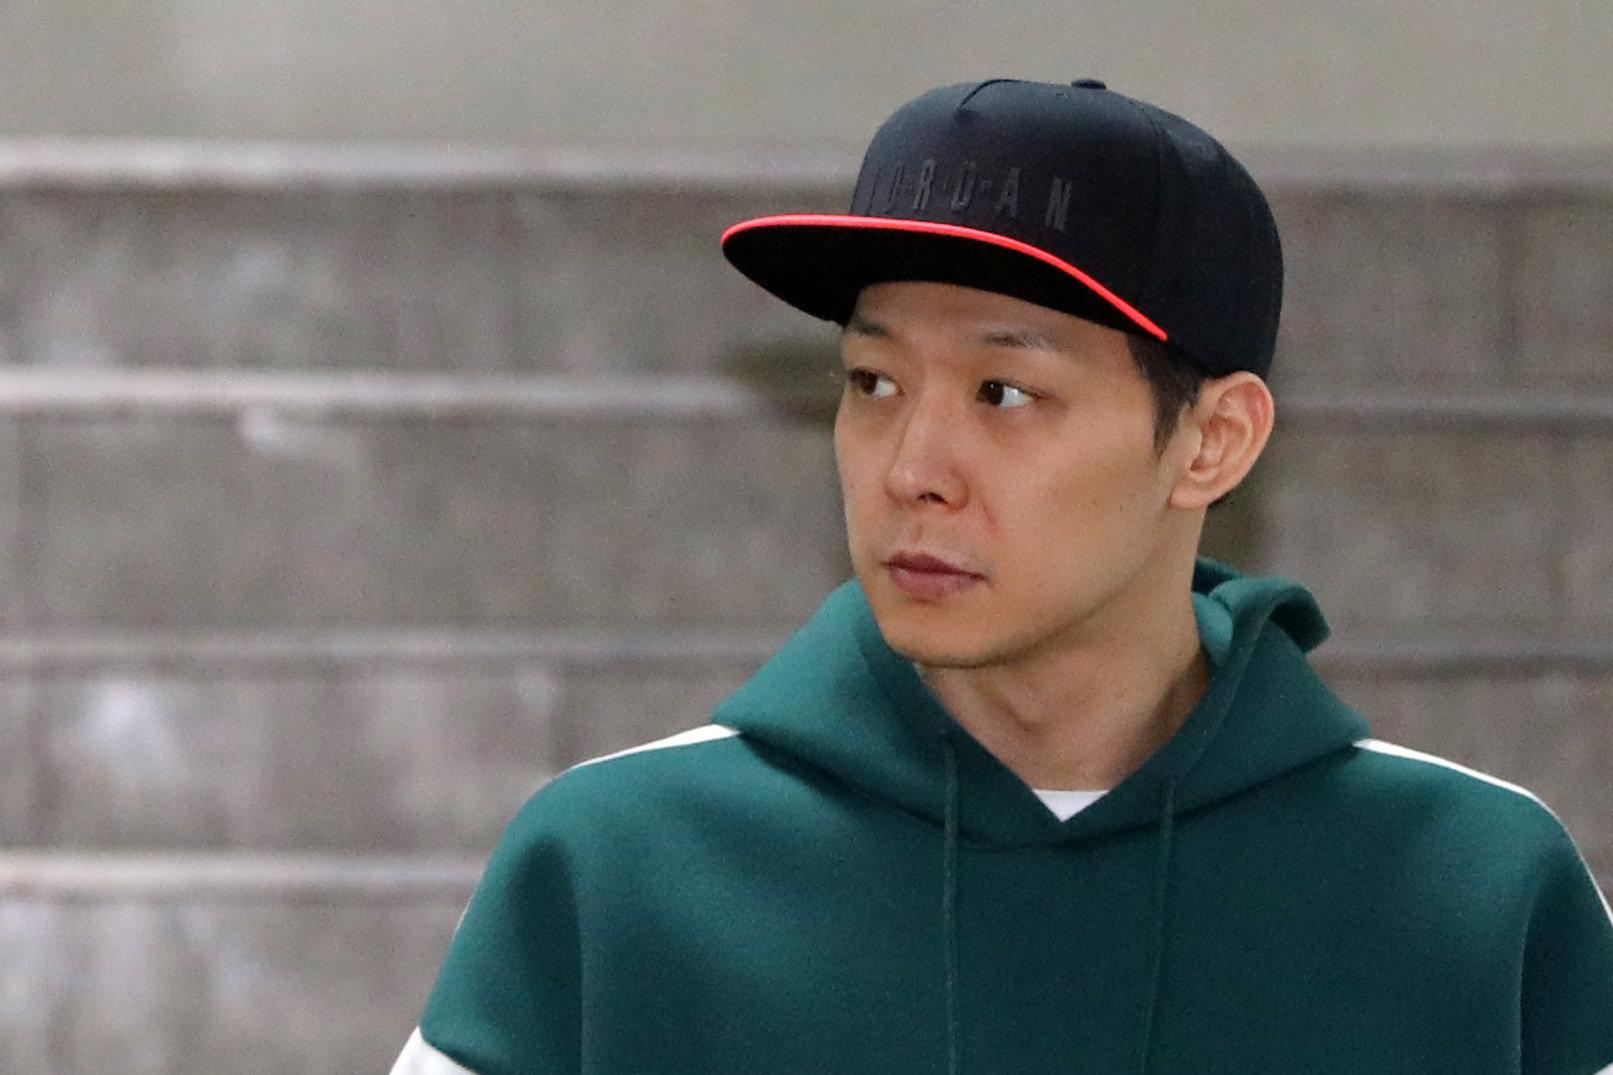 박유천 측이 MBC에 정정보도 및 손해배상을